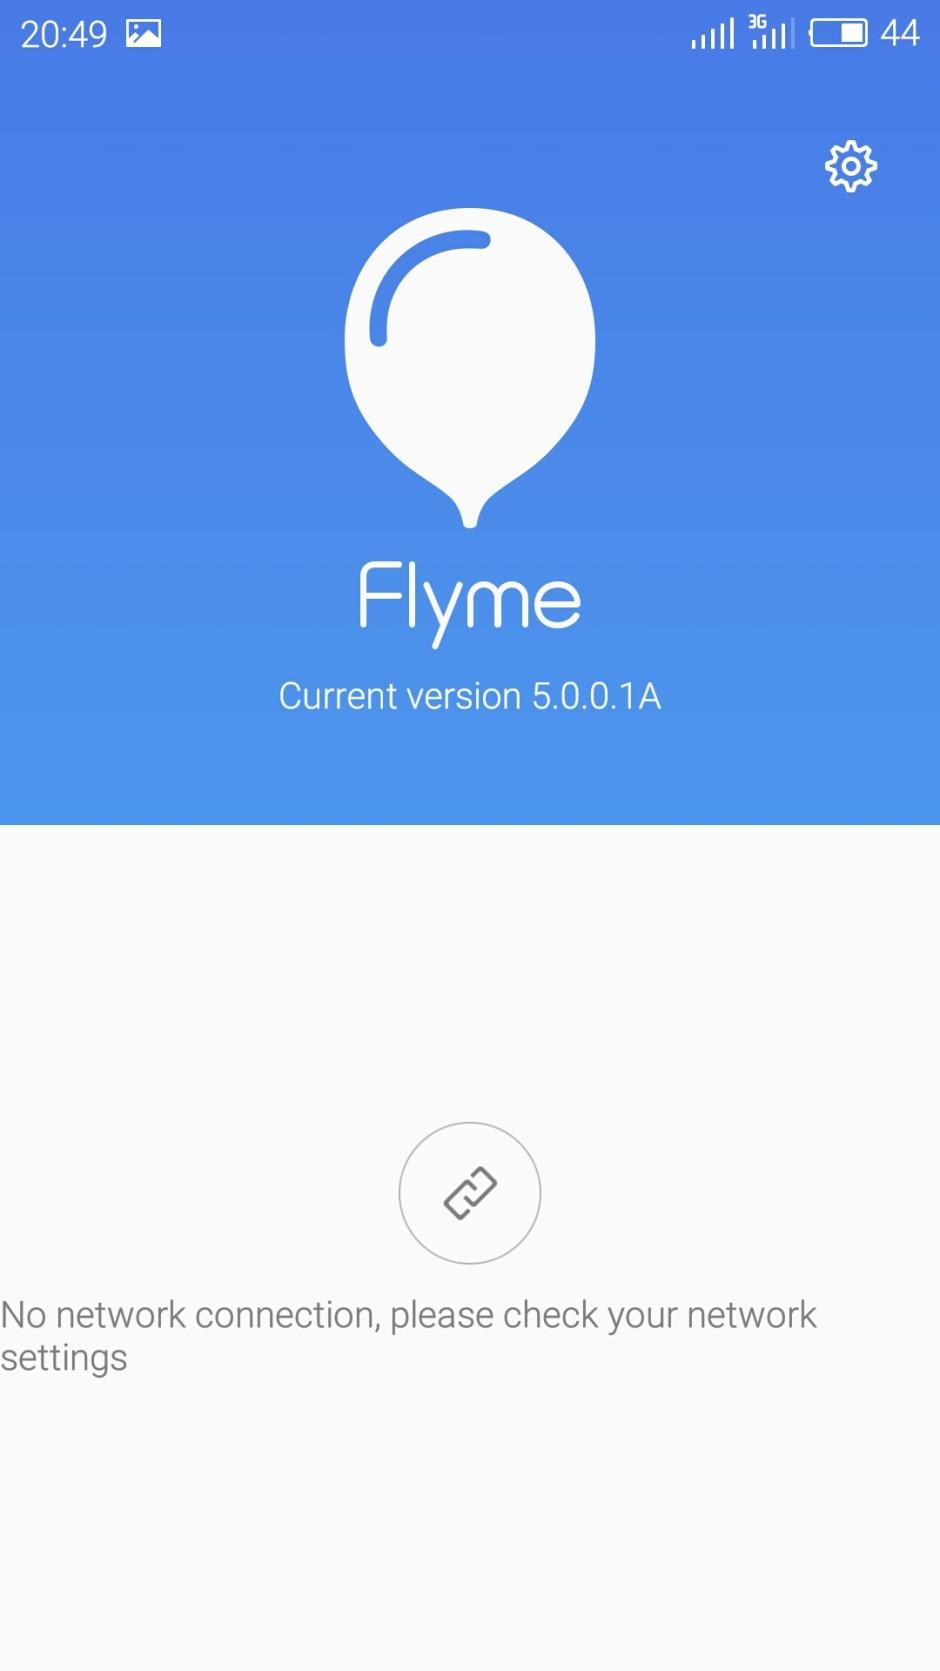 flyme-OS-5.0.0.1A (29)